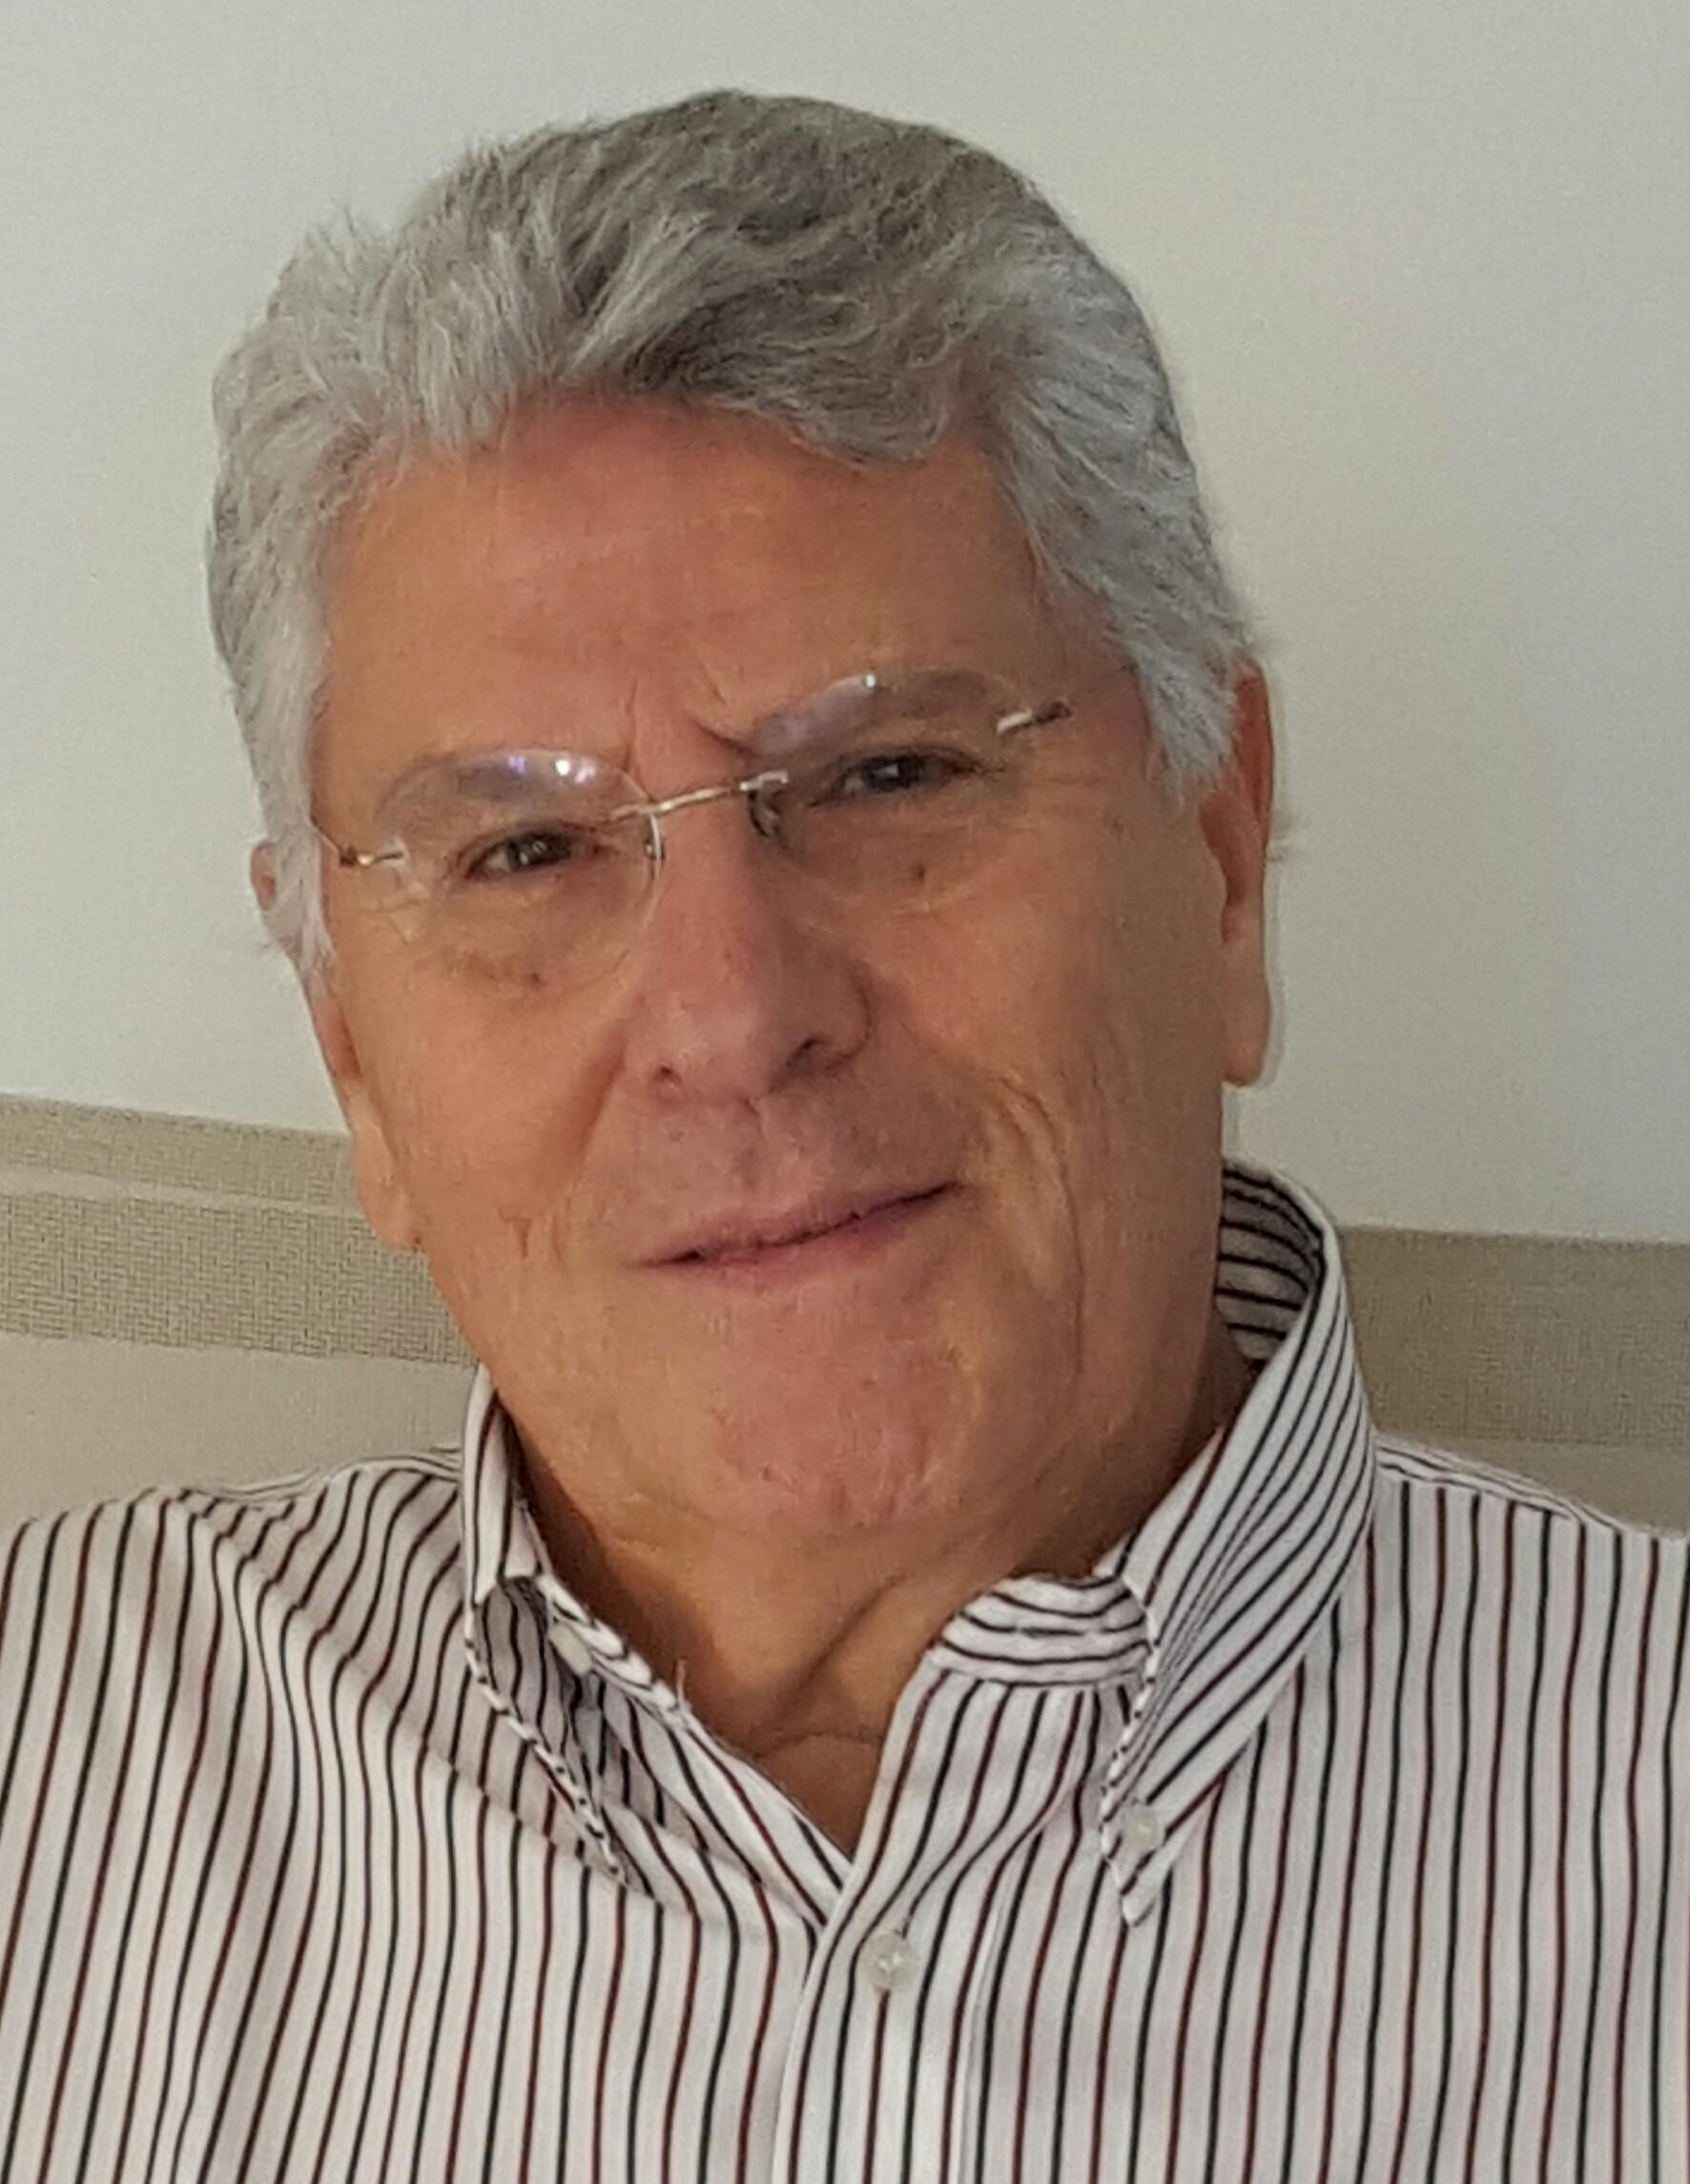 Jacques Benhamou